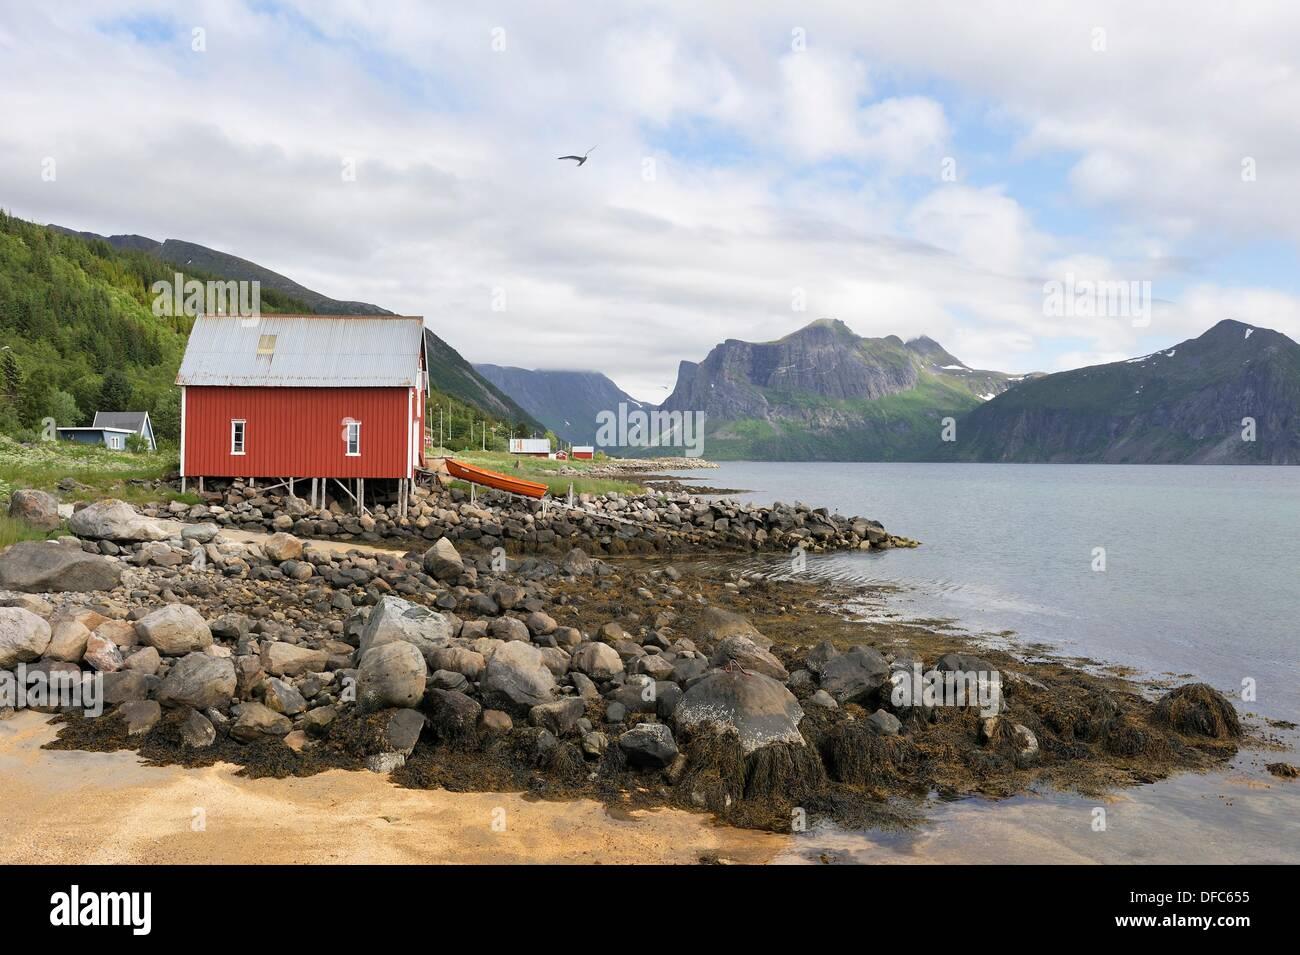 Berg, Insel Senja, Grafschaft Troms, Norwegen, Nordeuropa Stockbild